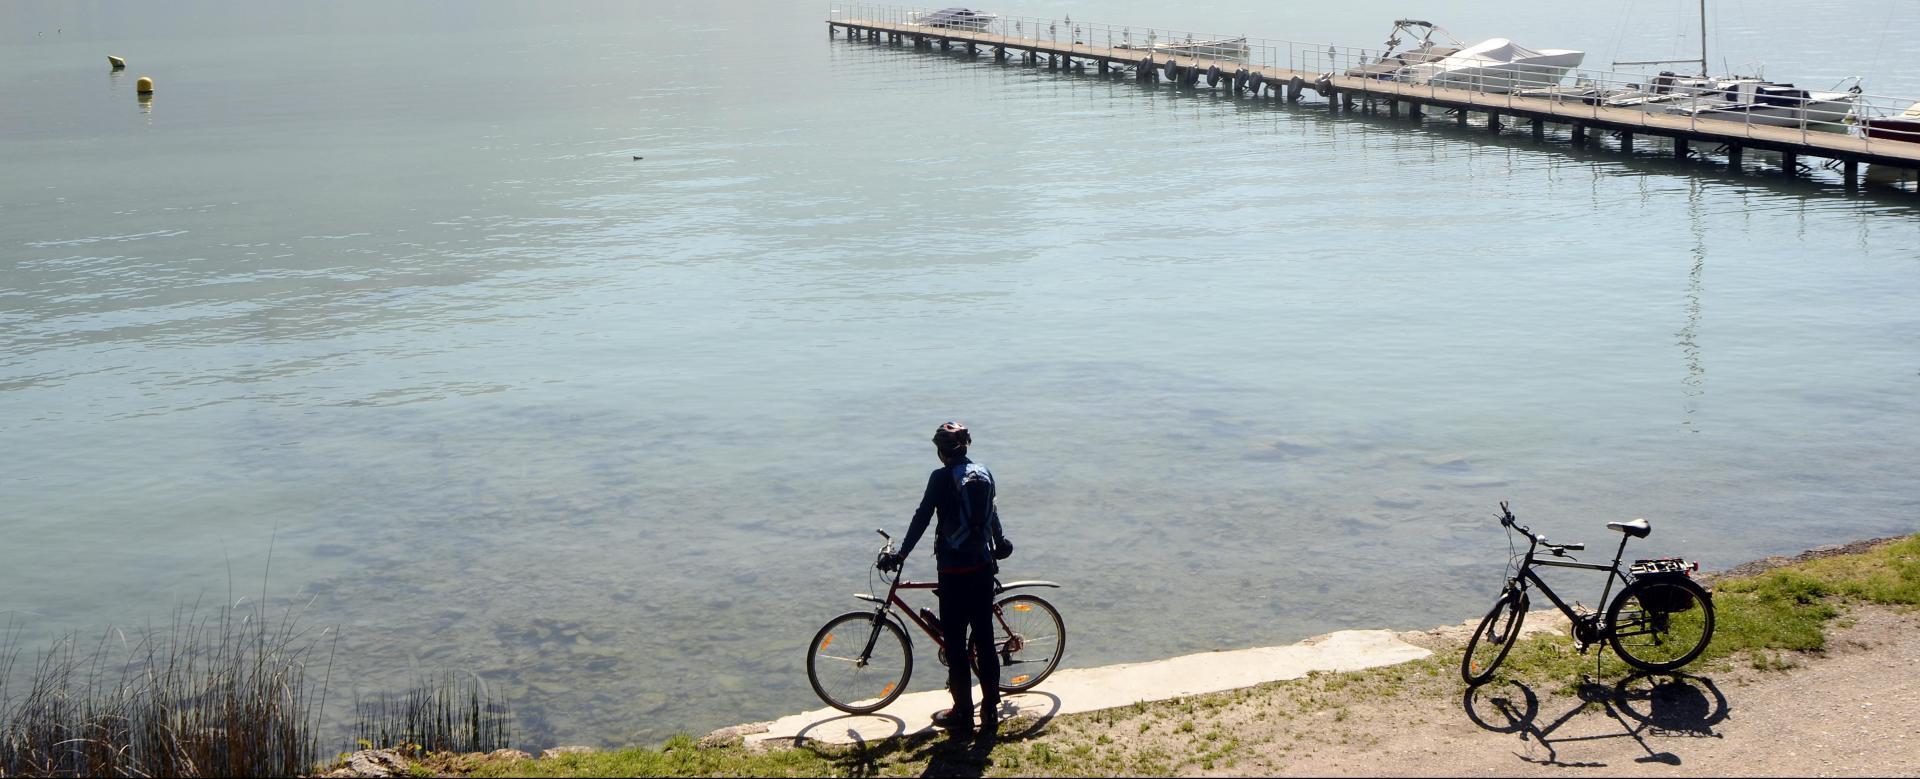 Voyage à pied : Du lac d'annecy au lac du bourget à vélo